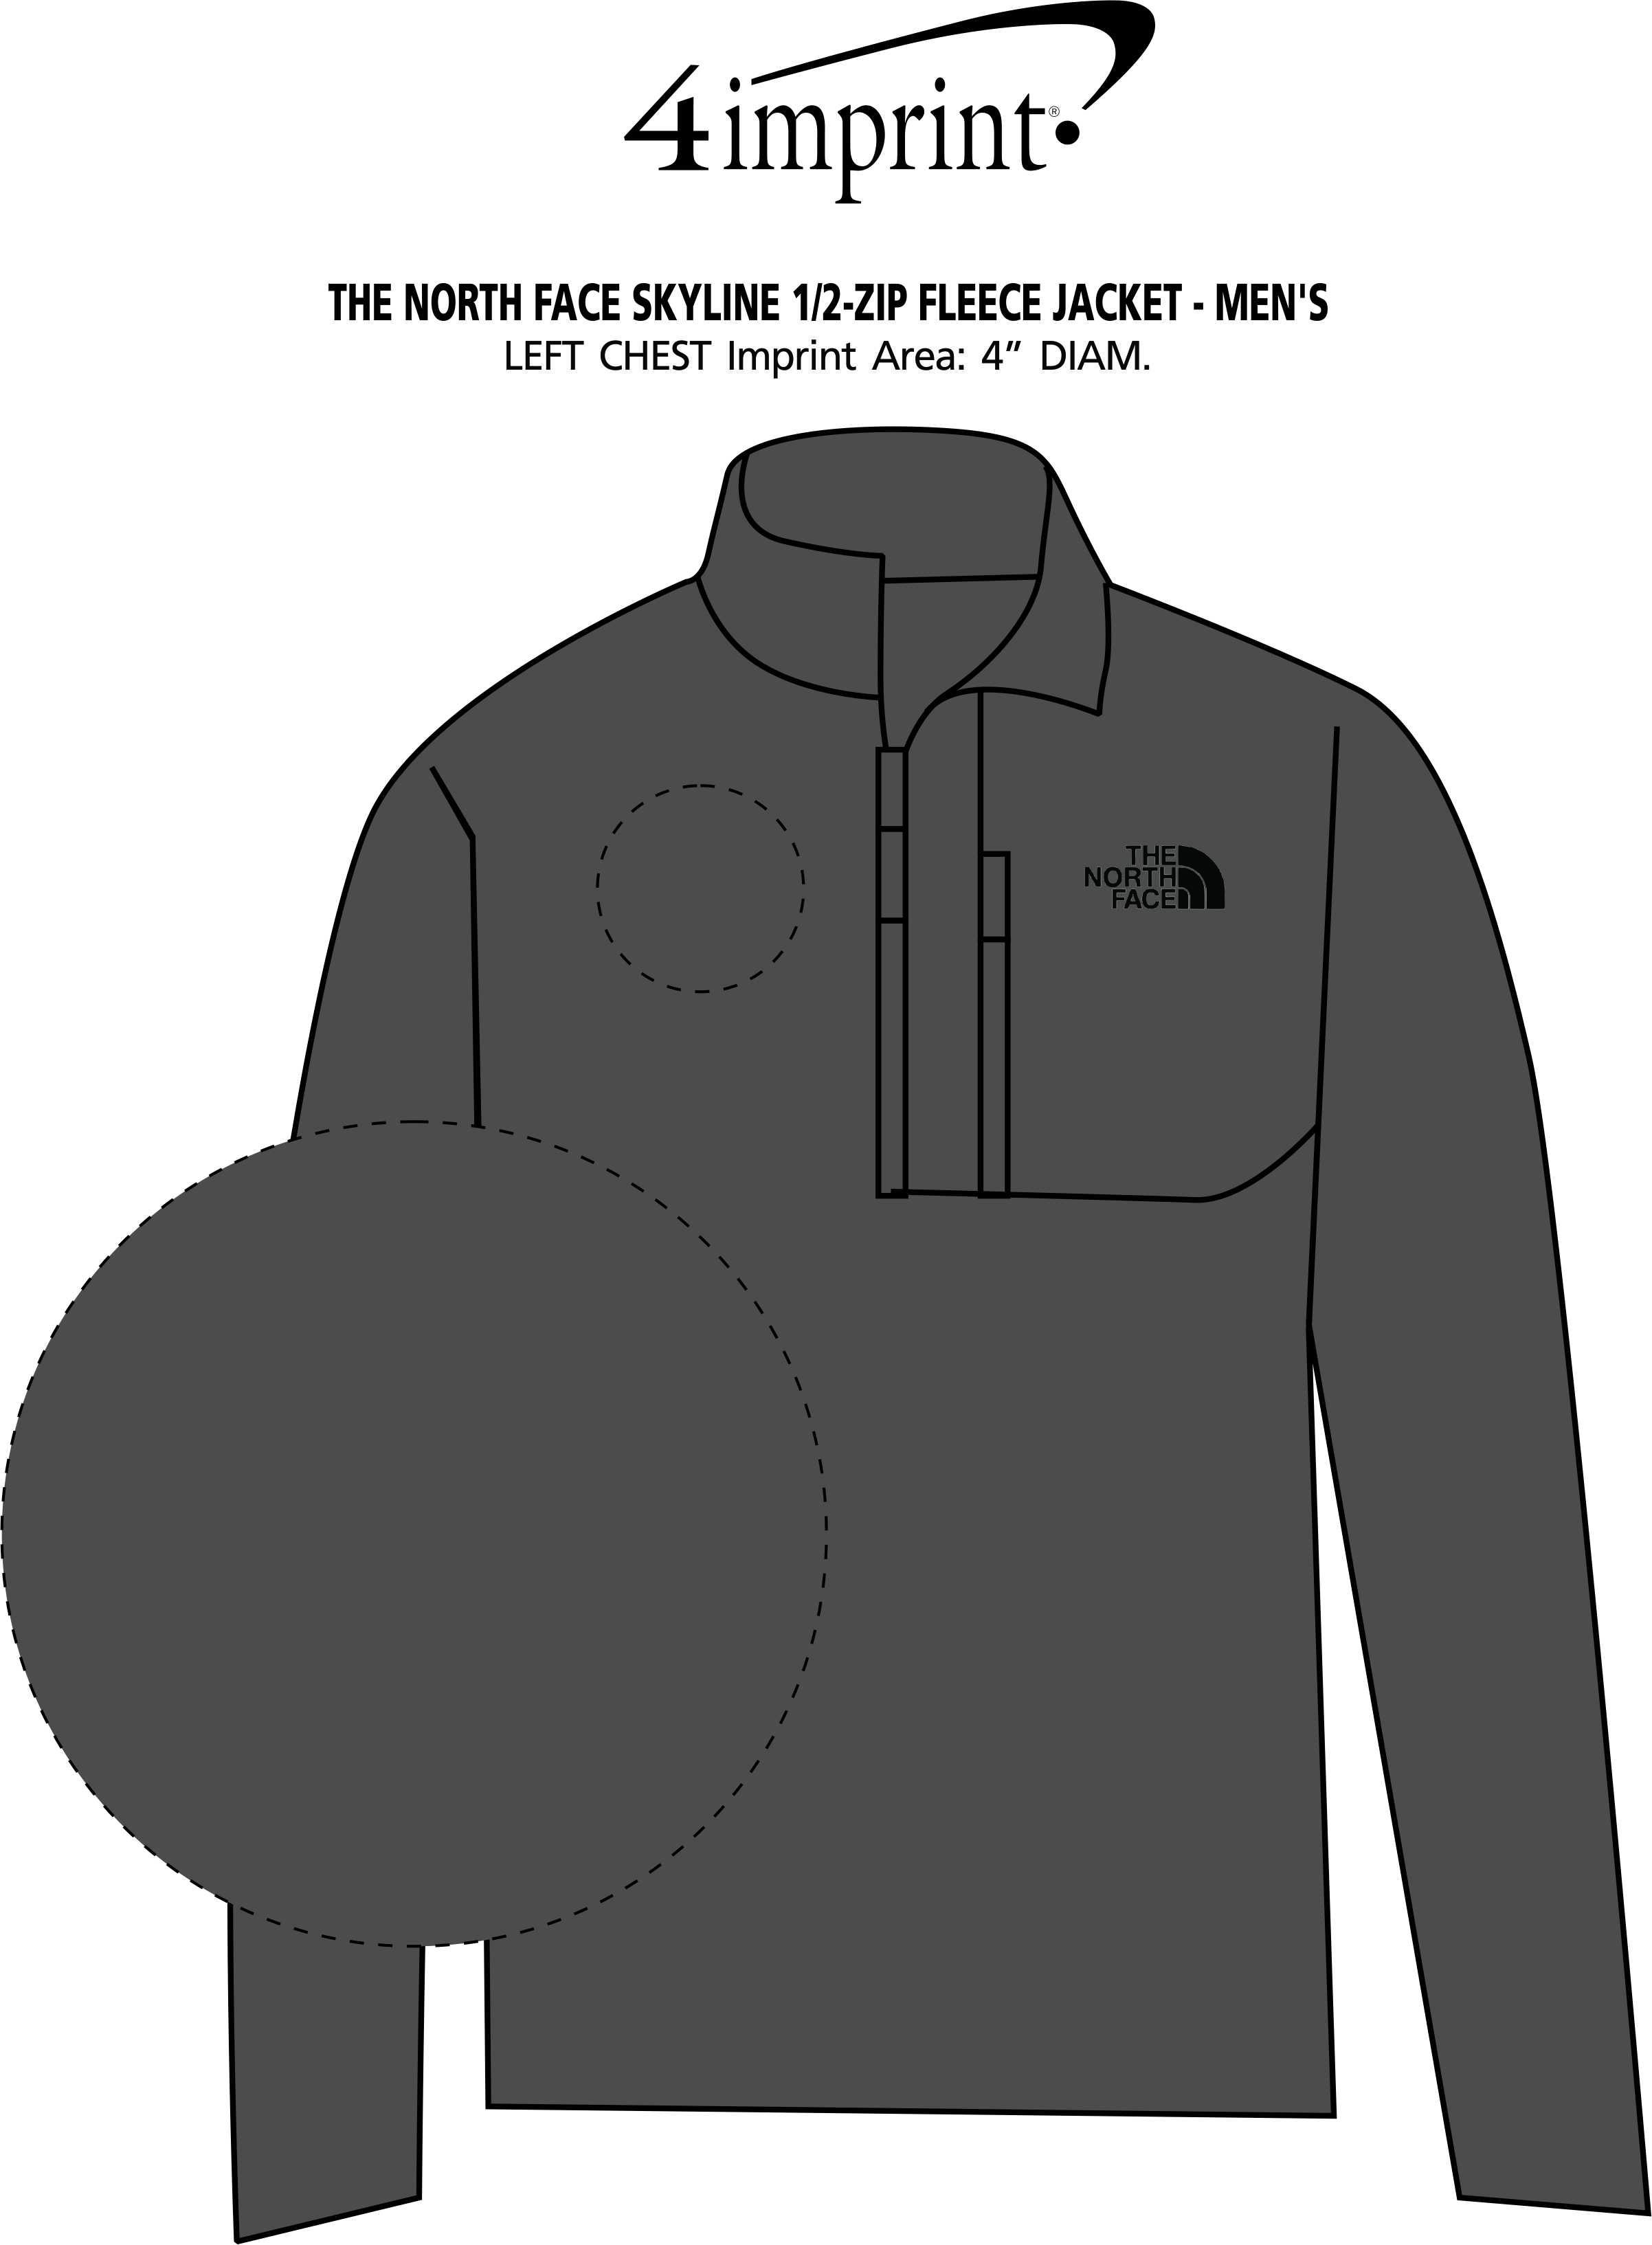 Imprint Area of The North Face Skyline 1/2-Zip Fleece Jacket - Men's